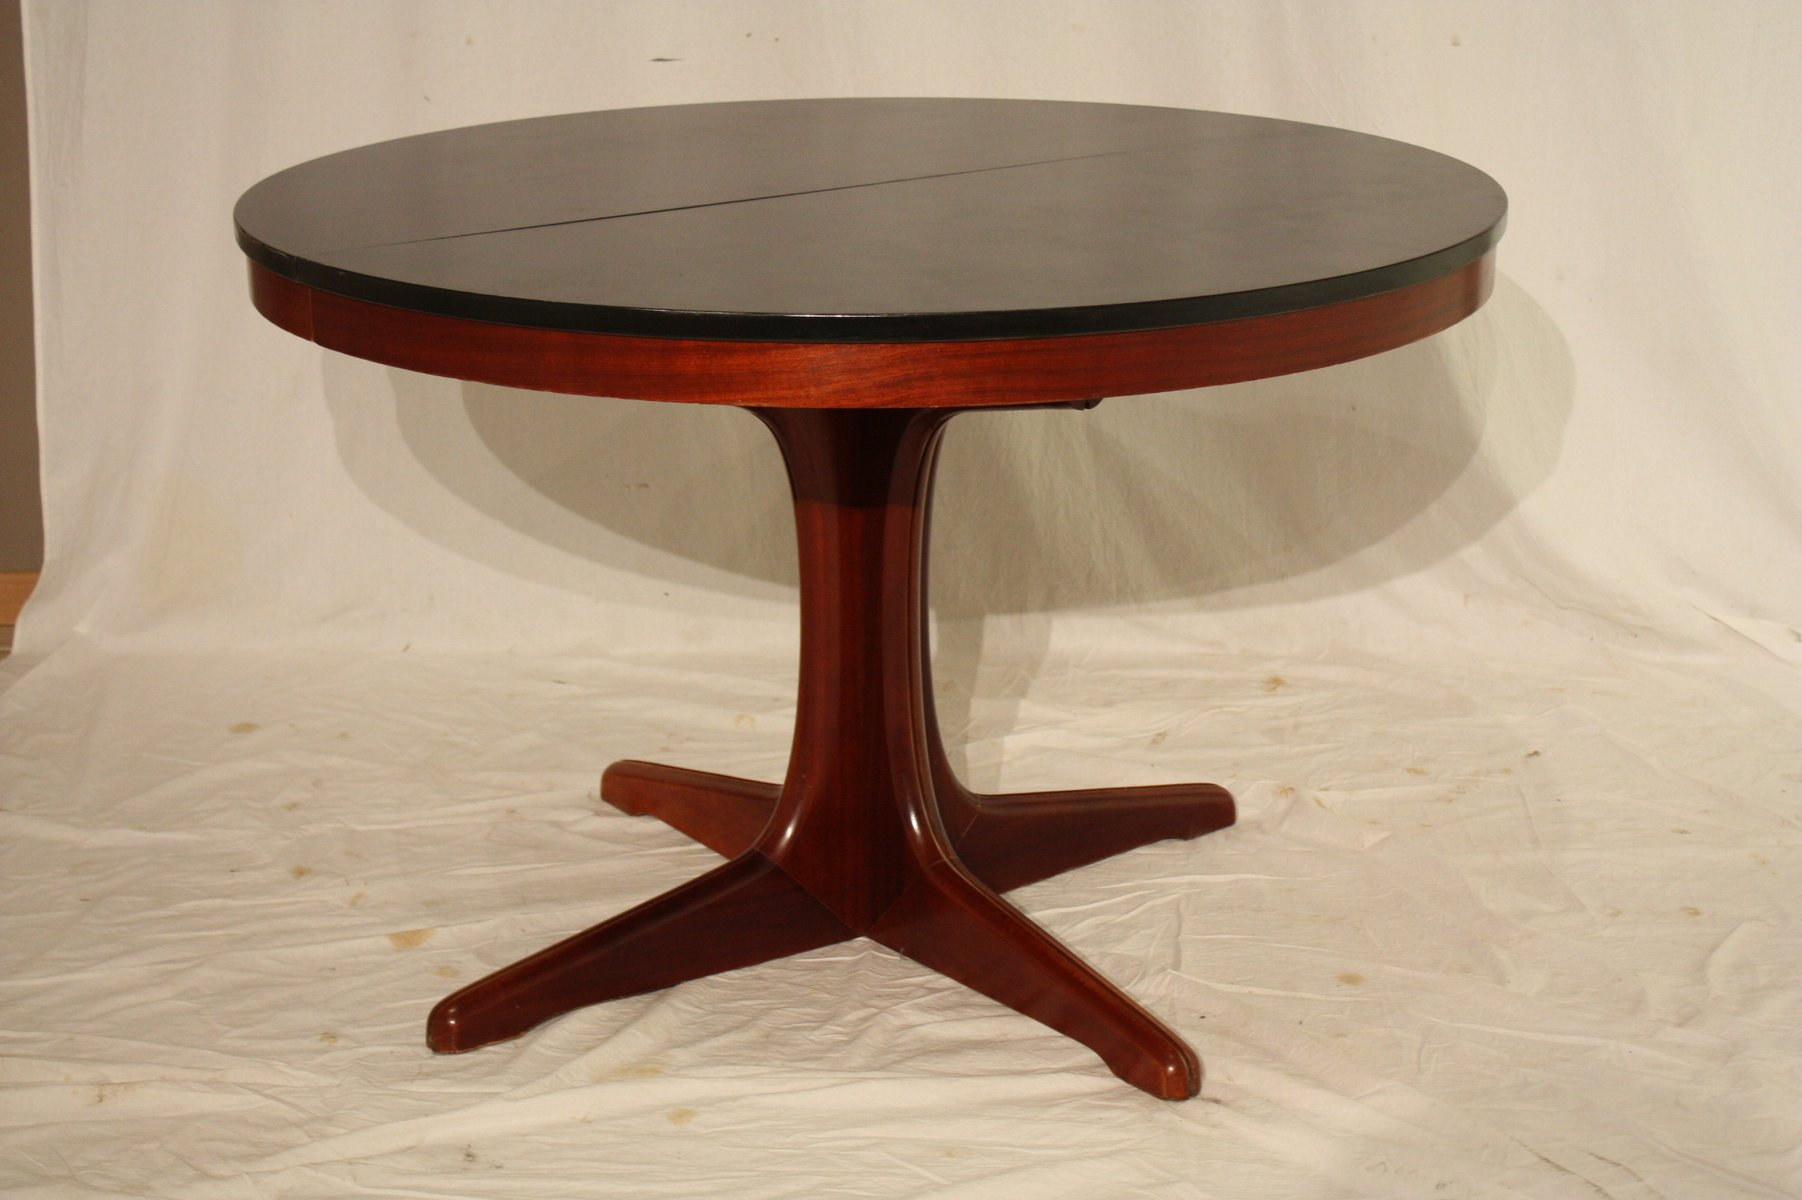 Französischer Baumann Tisch, 1960er